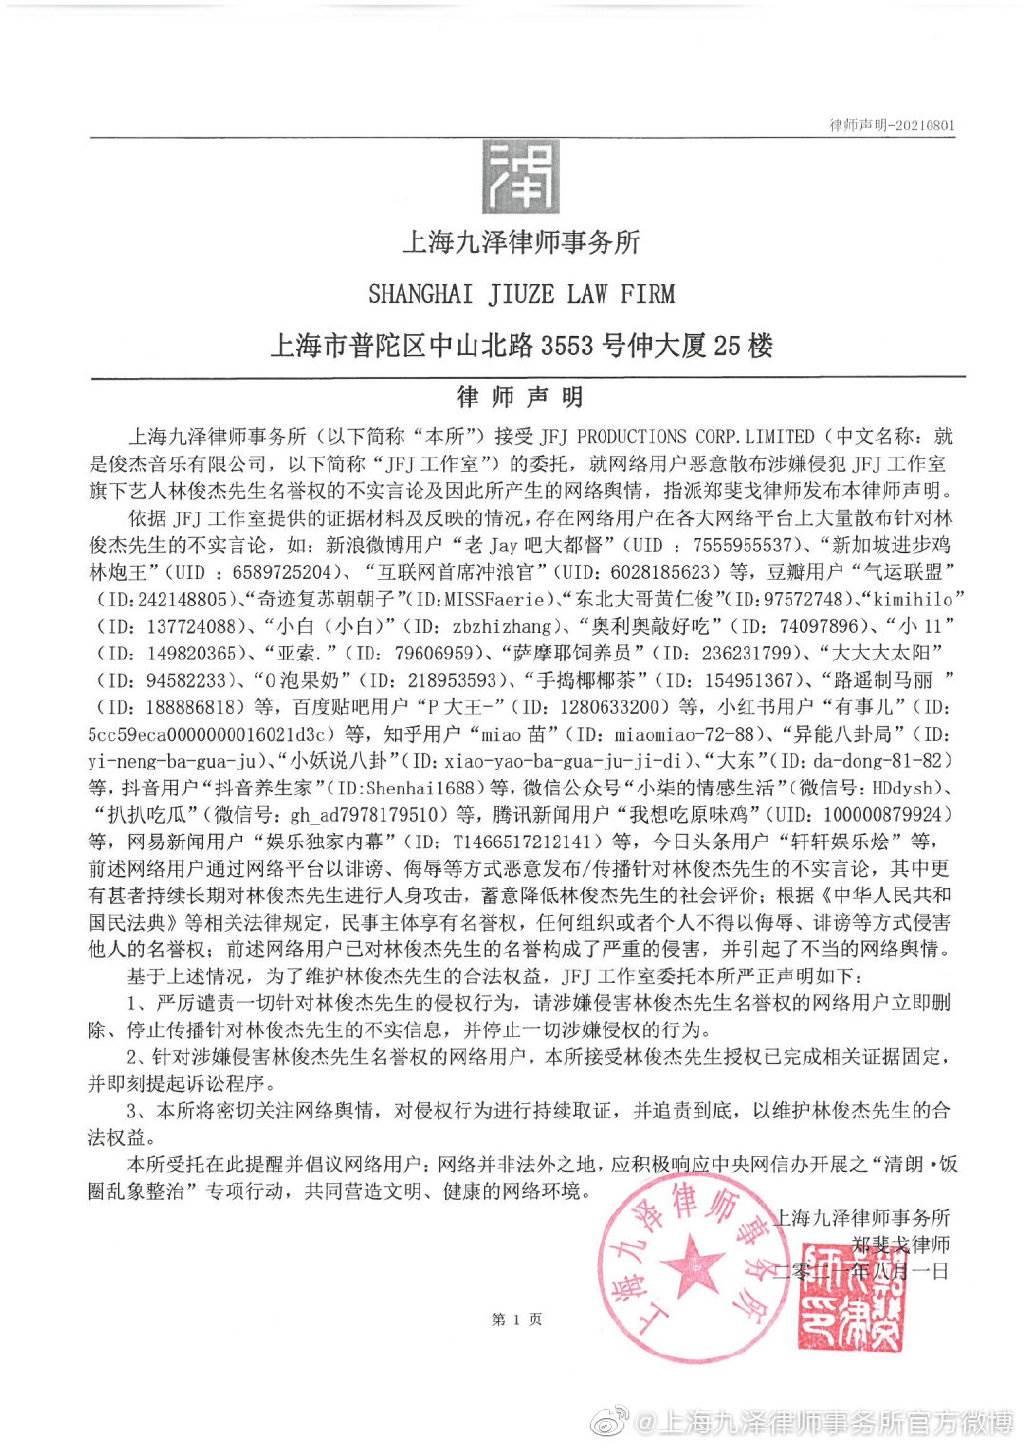 林俊傑先前透過律師發表聲明,表示將持續蒐證不實言論提告。(圖/翻攝自上海九澤律師事務所官方微博)